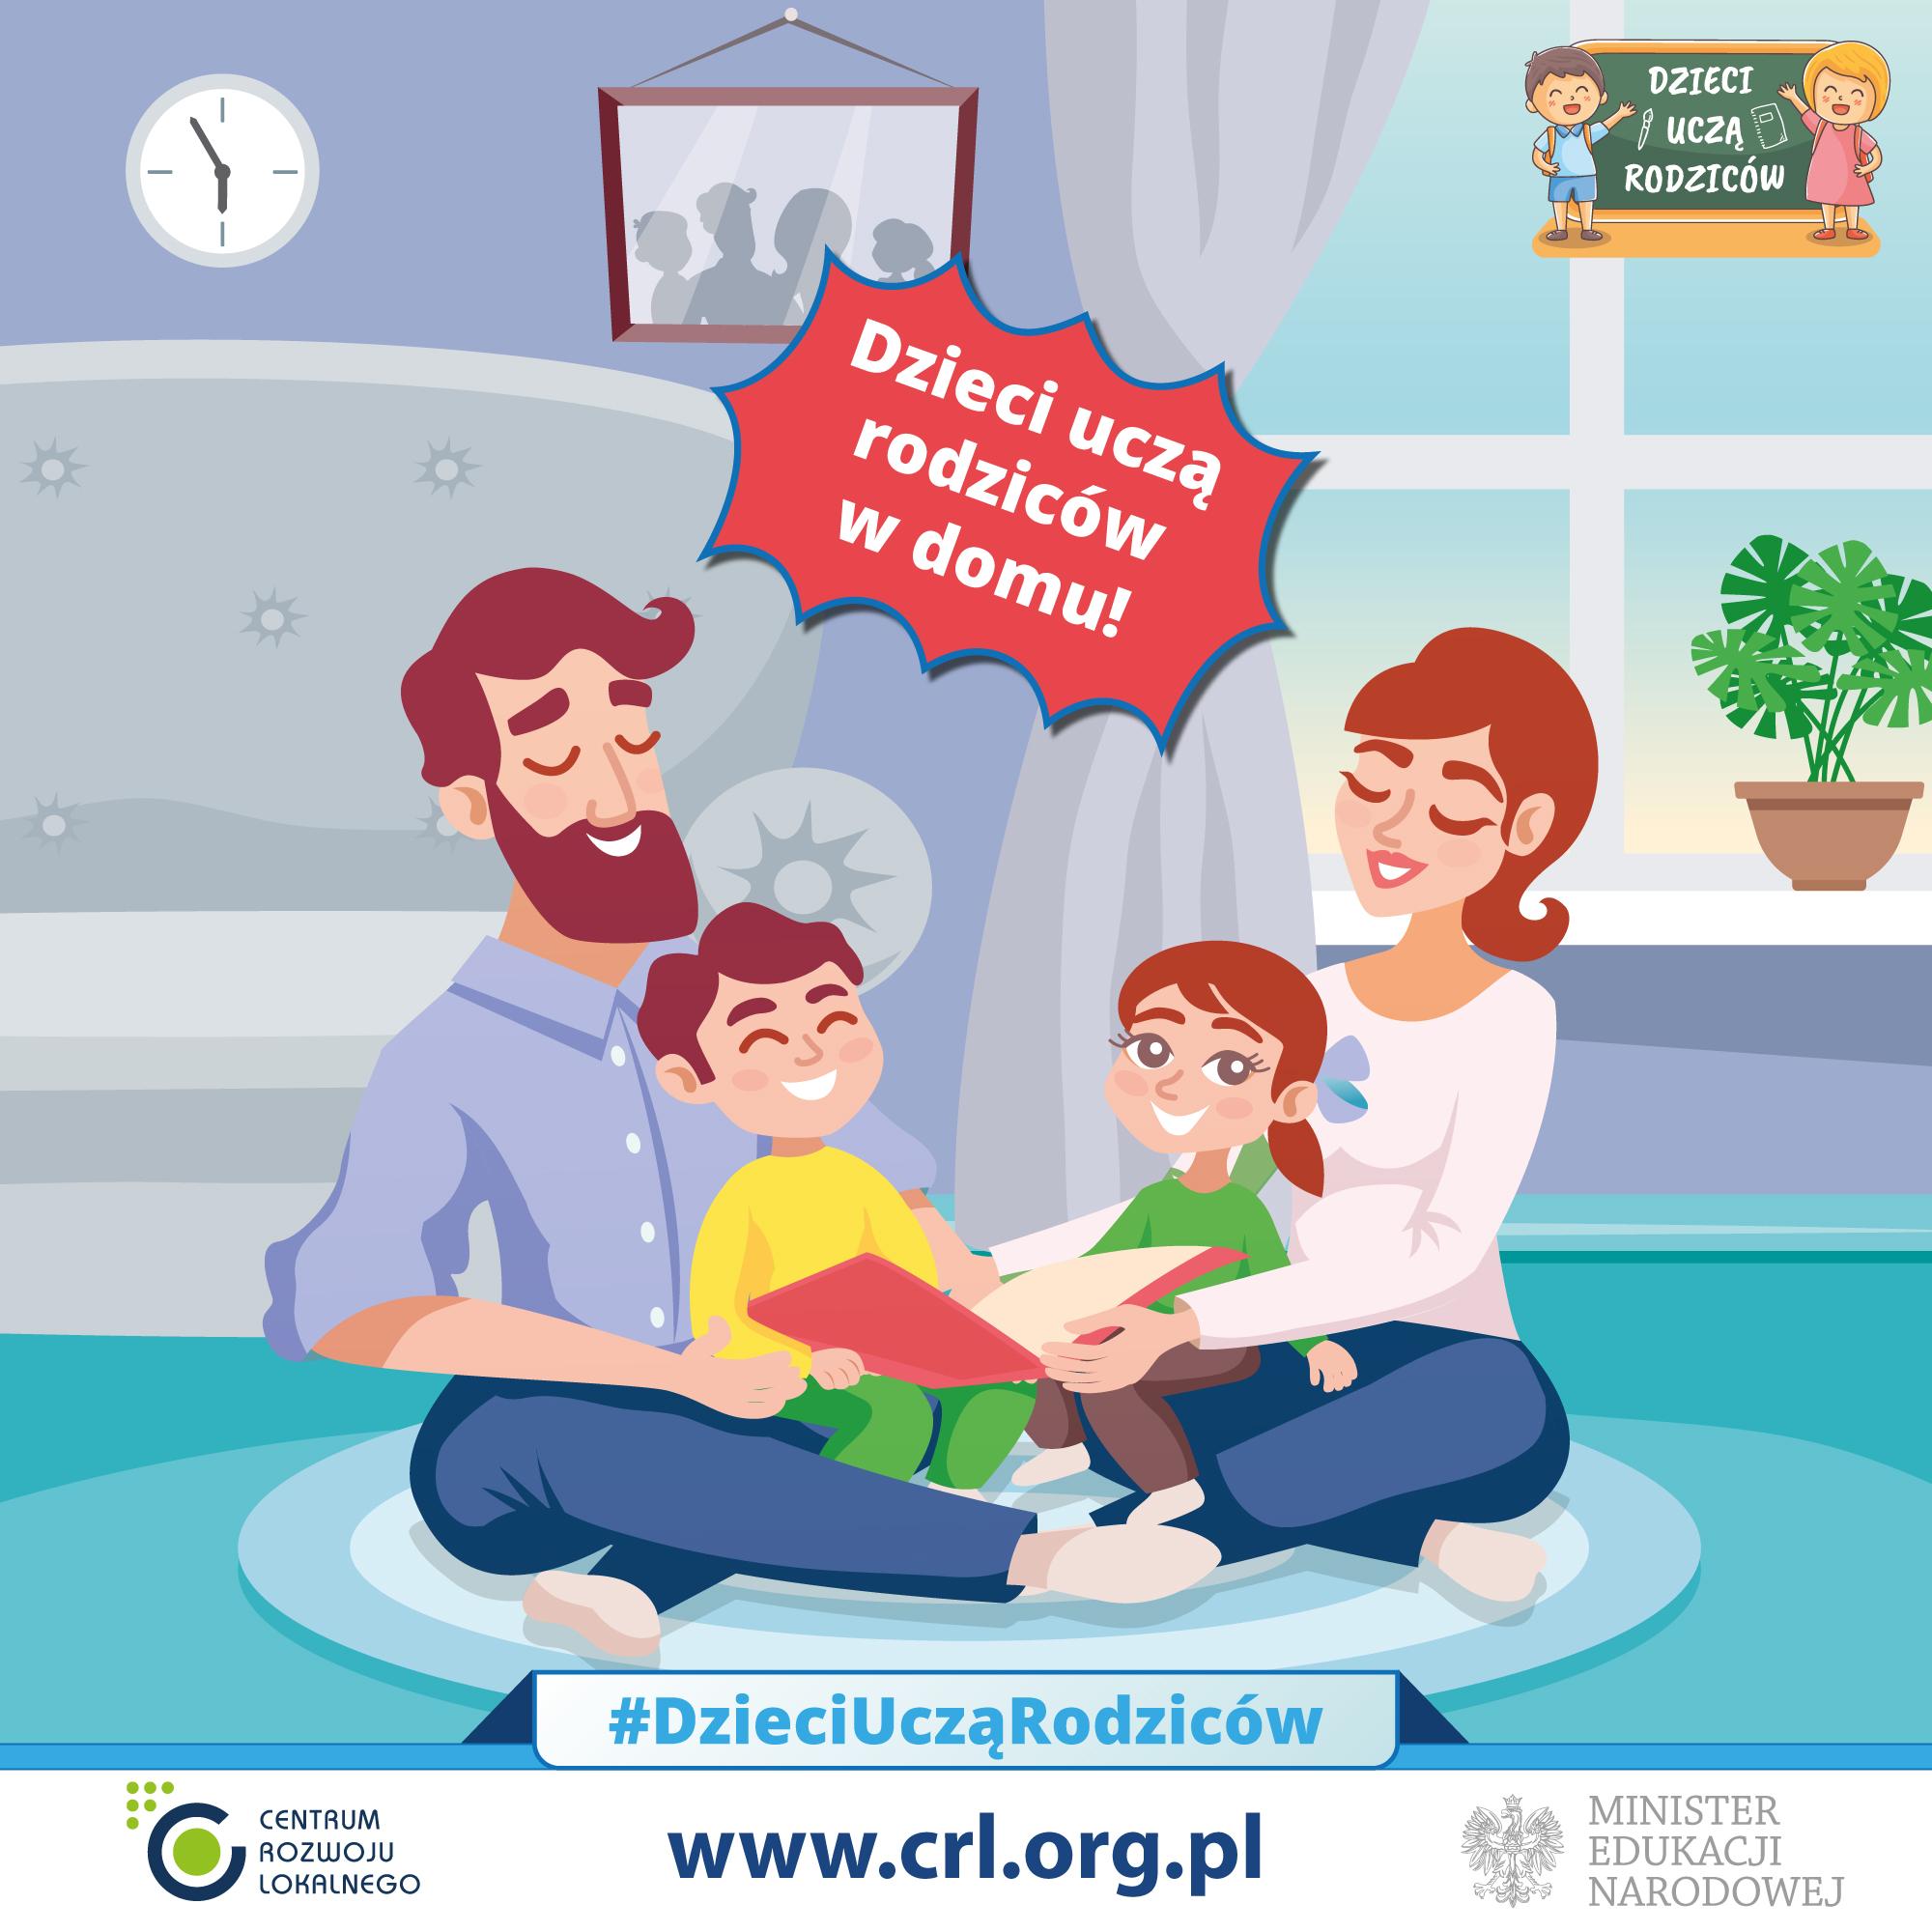 Dzieci uczą rodziców w domu - ogólnopolska akcja edukacyjna - zdjęcie główne